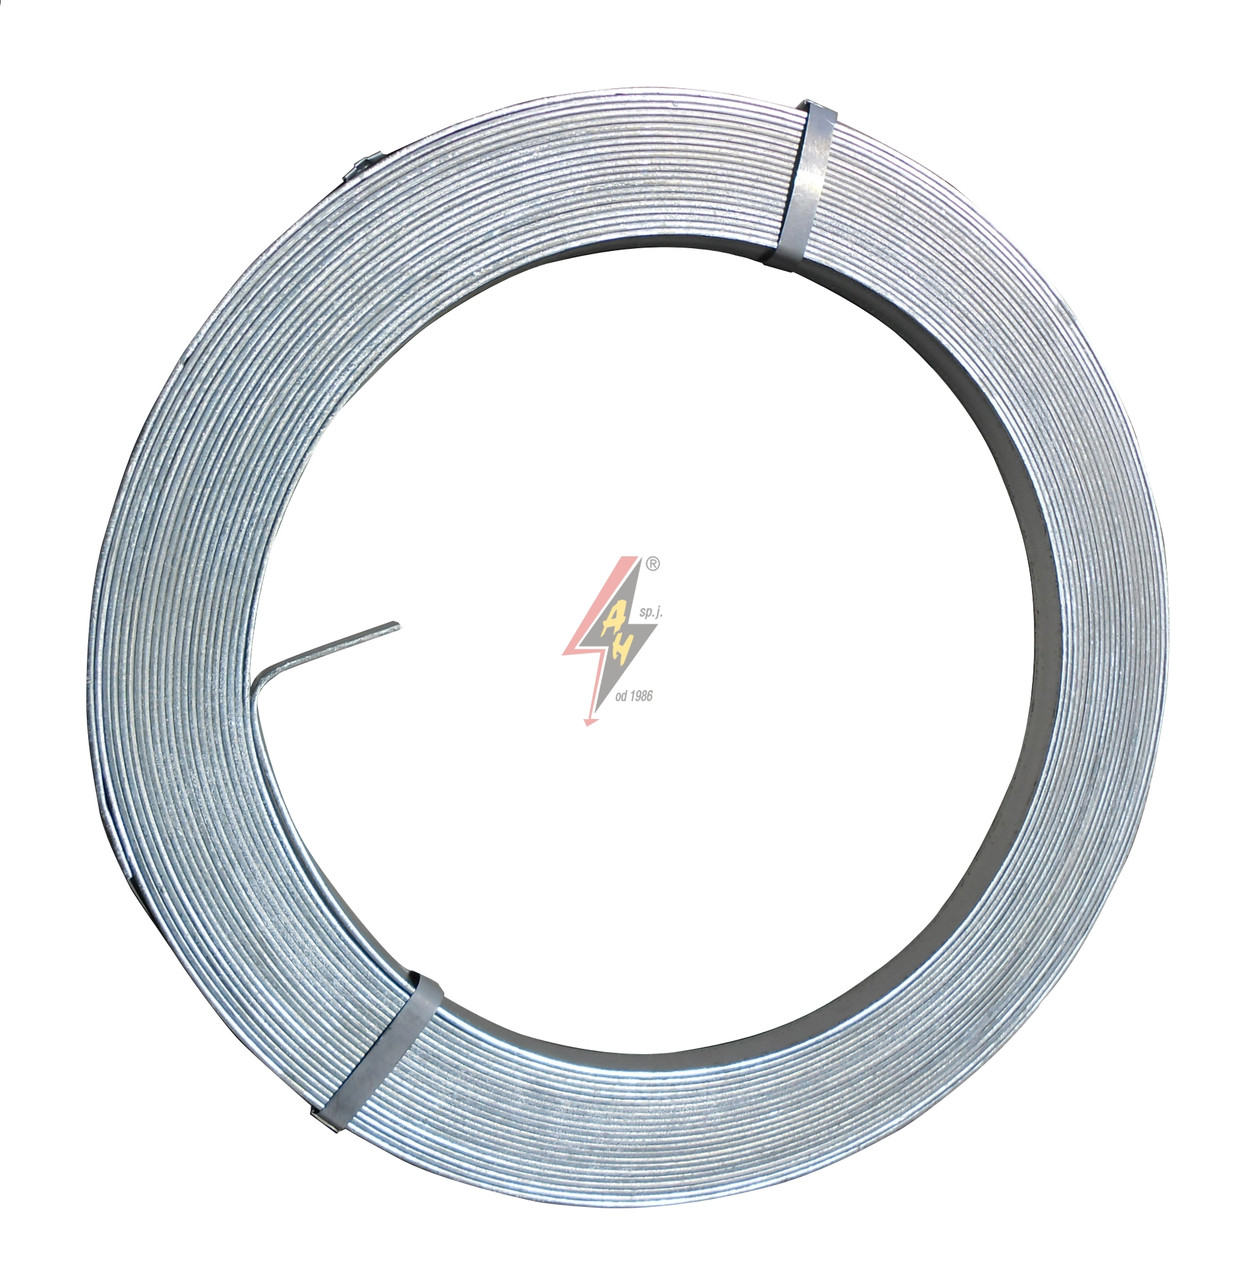 Полоса оцинкованная 40x4 mm стальная горячеоцинкованная, полоса заземления